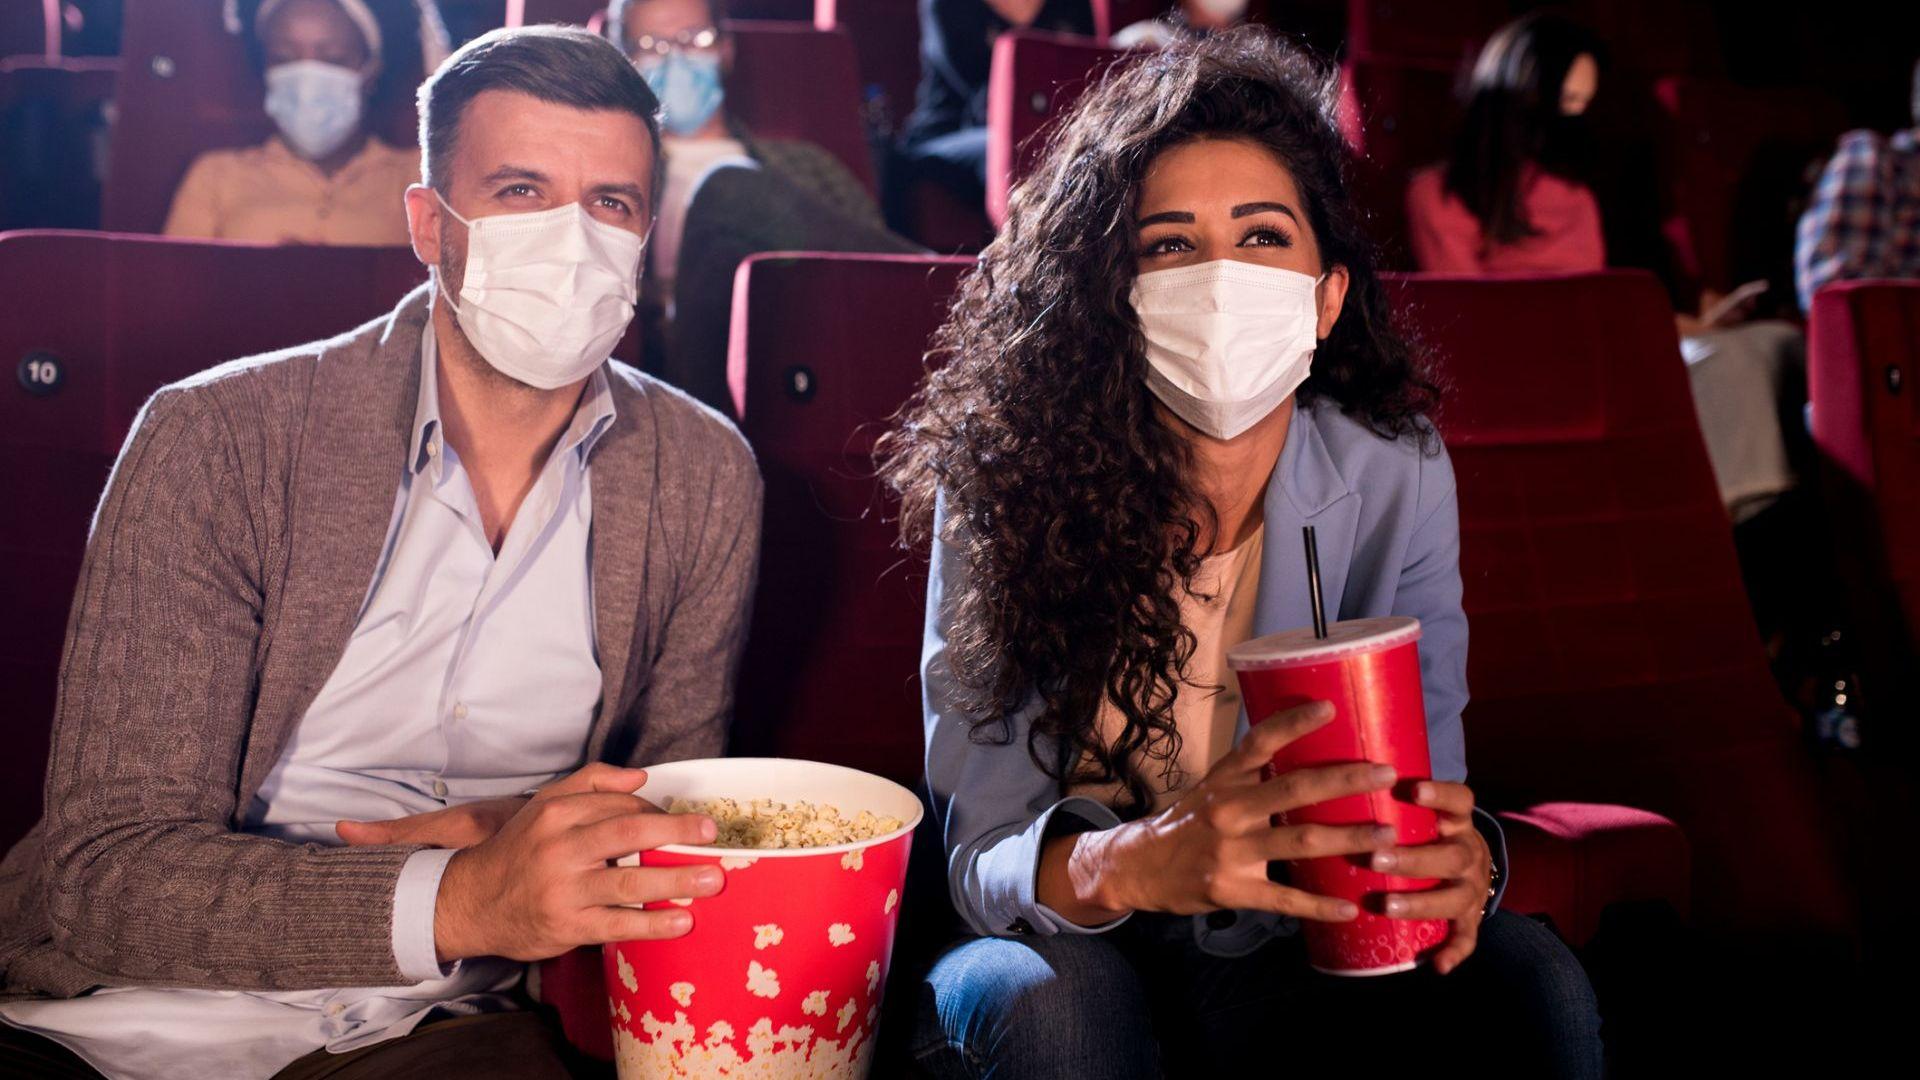 Кината и театрите в Мароко отново отварят врати